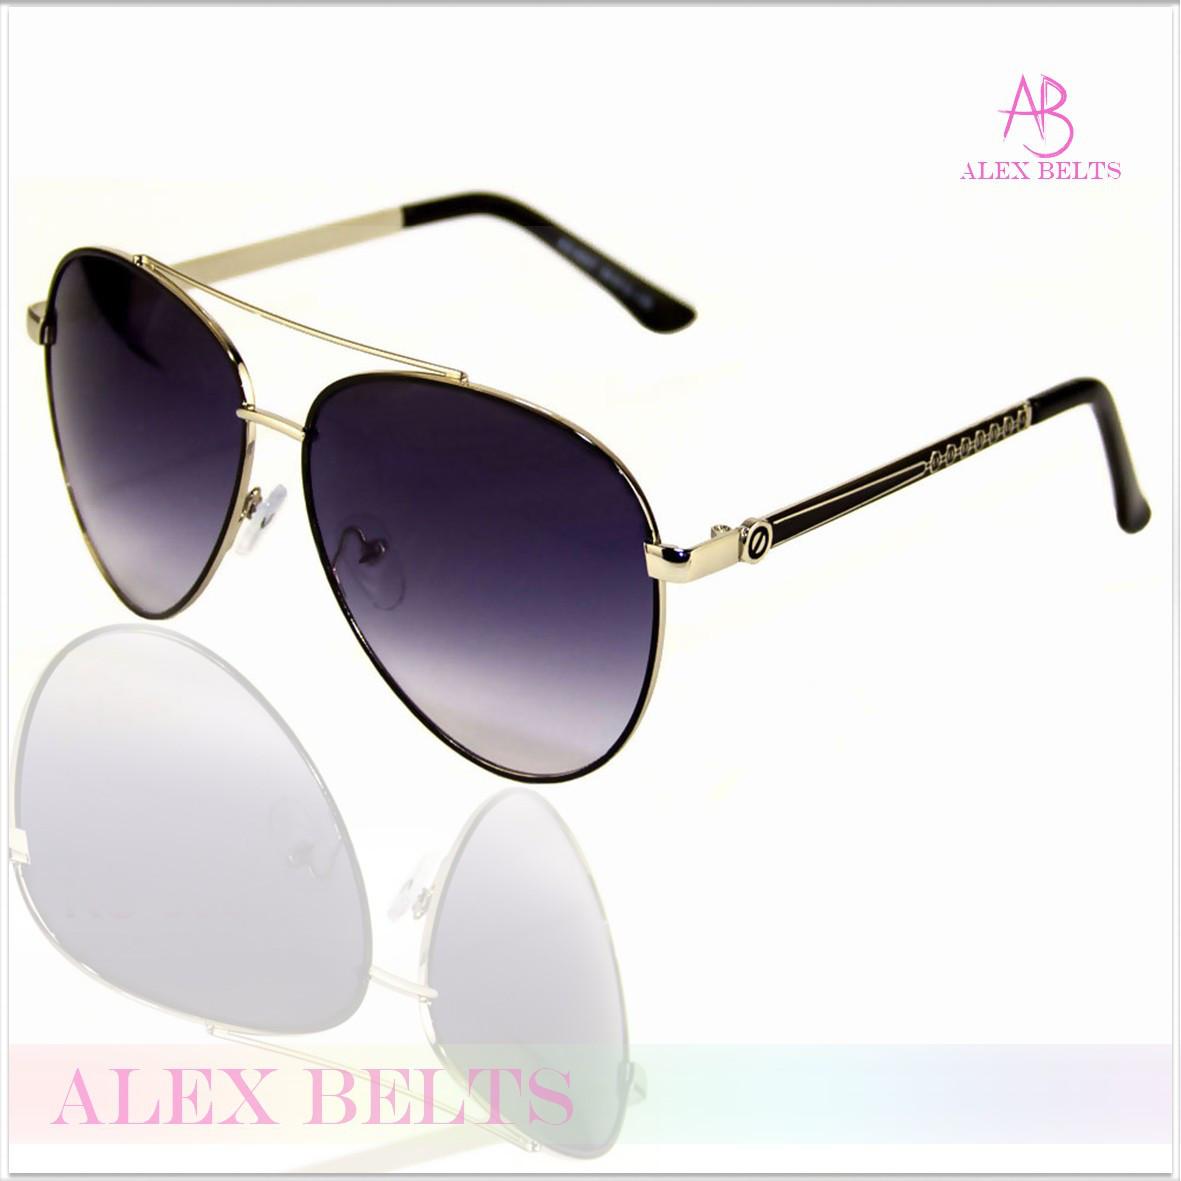 25e015557011 Женские солнцезащитные очки(капля) Kaizi-купить оптом в Одессе -  ALEXBELTS.COM